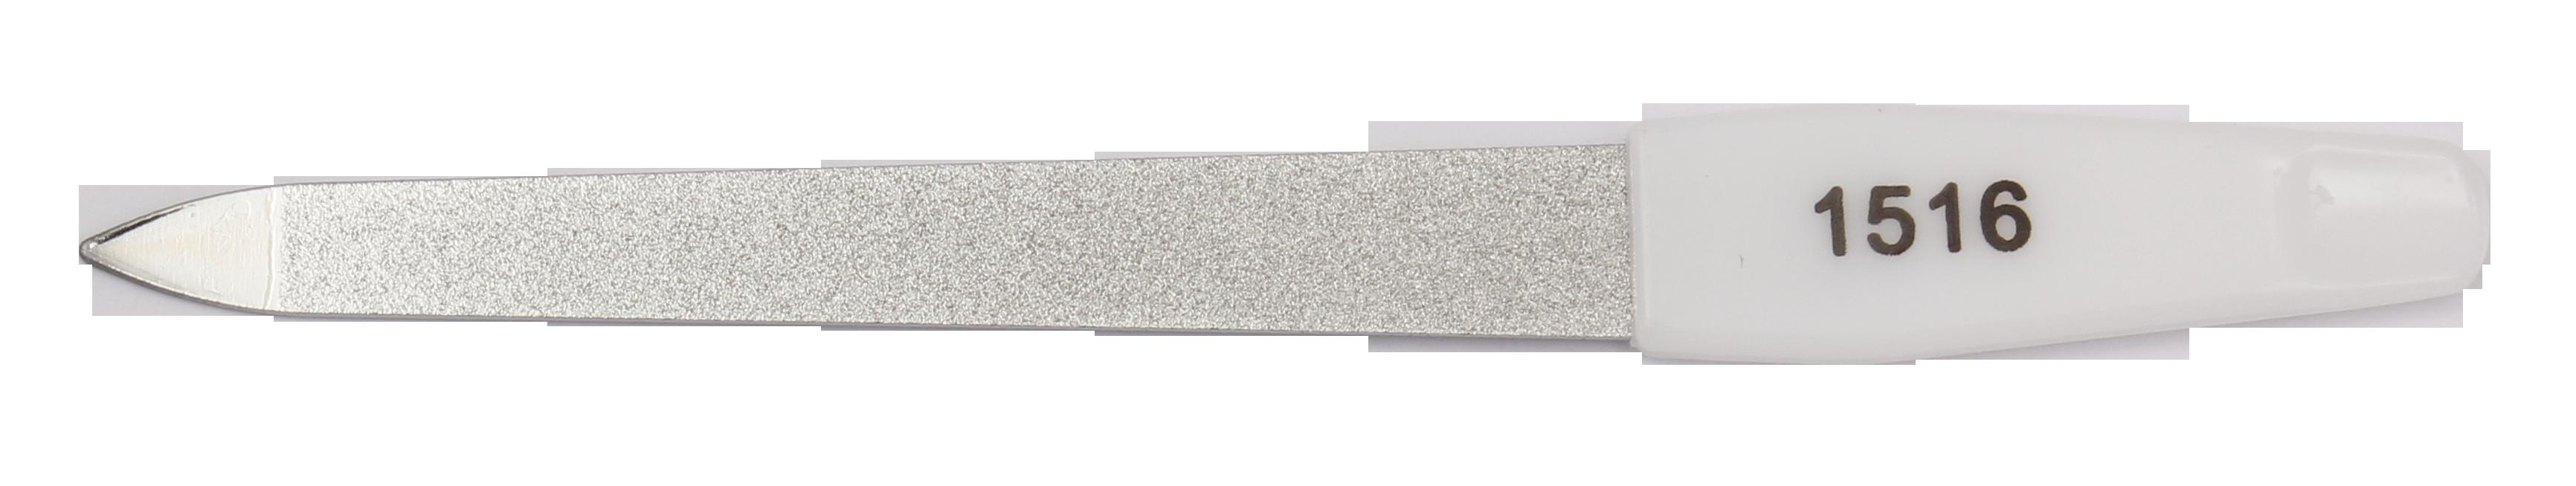 Пилка сапфир 11 см